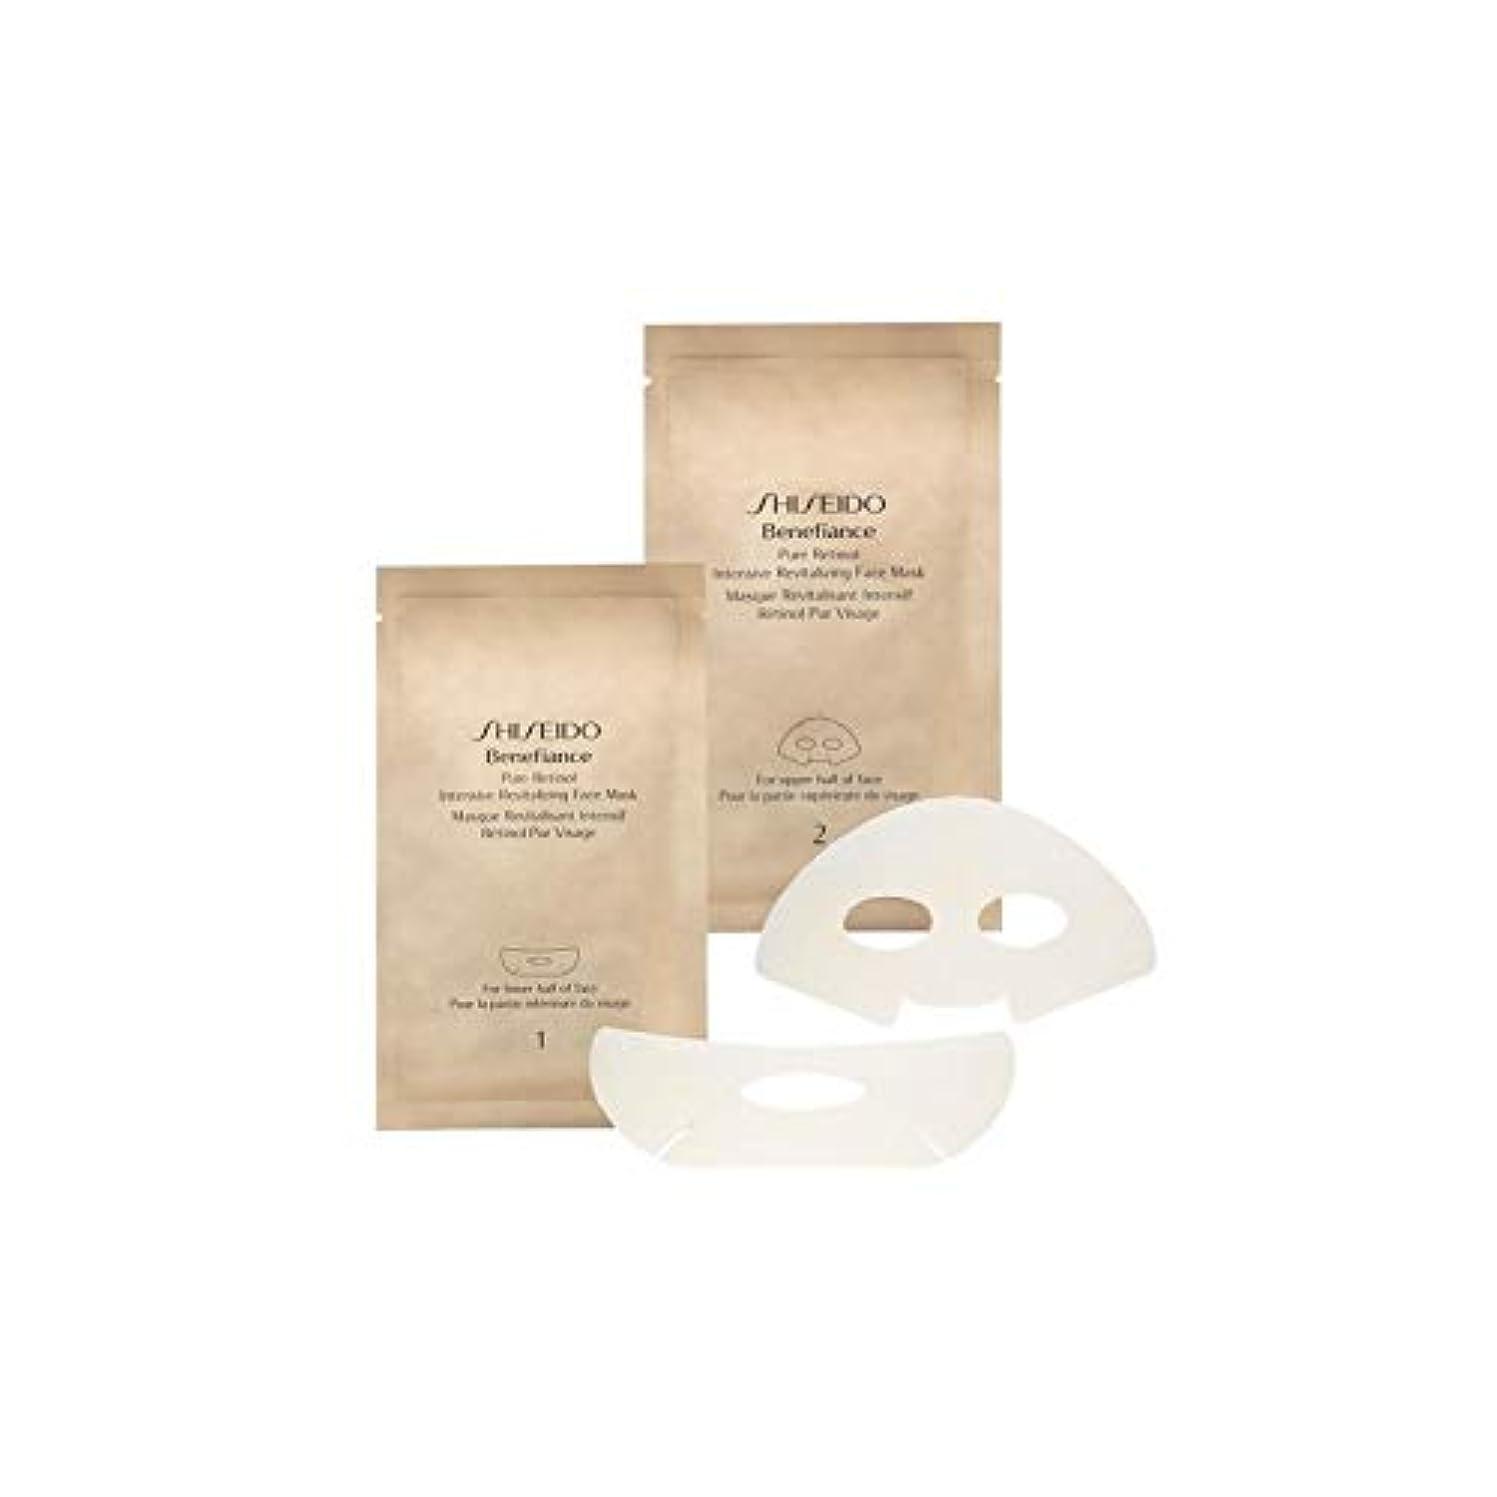 おじいちゃんディレクター自分[Shiseido] 資生堂ベネフィアンス純粋レチノールインテンシブリバイタライジングフェースマスク×4袋 - Shiseido Benefiance Pure Retinol Intensive Revitalizing Face Mask X 4 Sachets [並行輸入品]